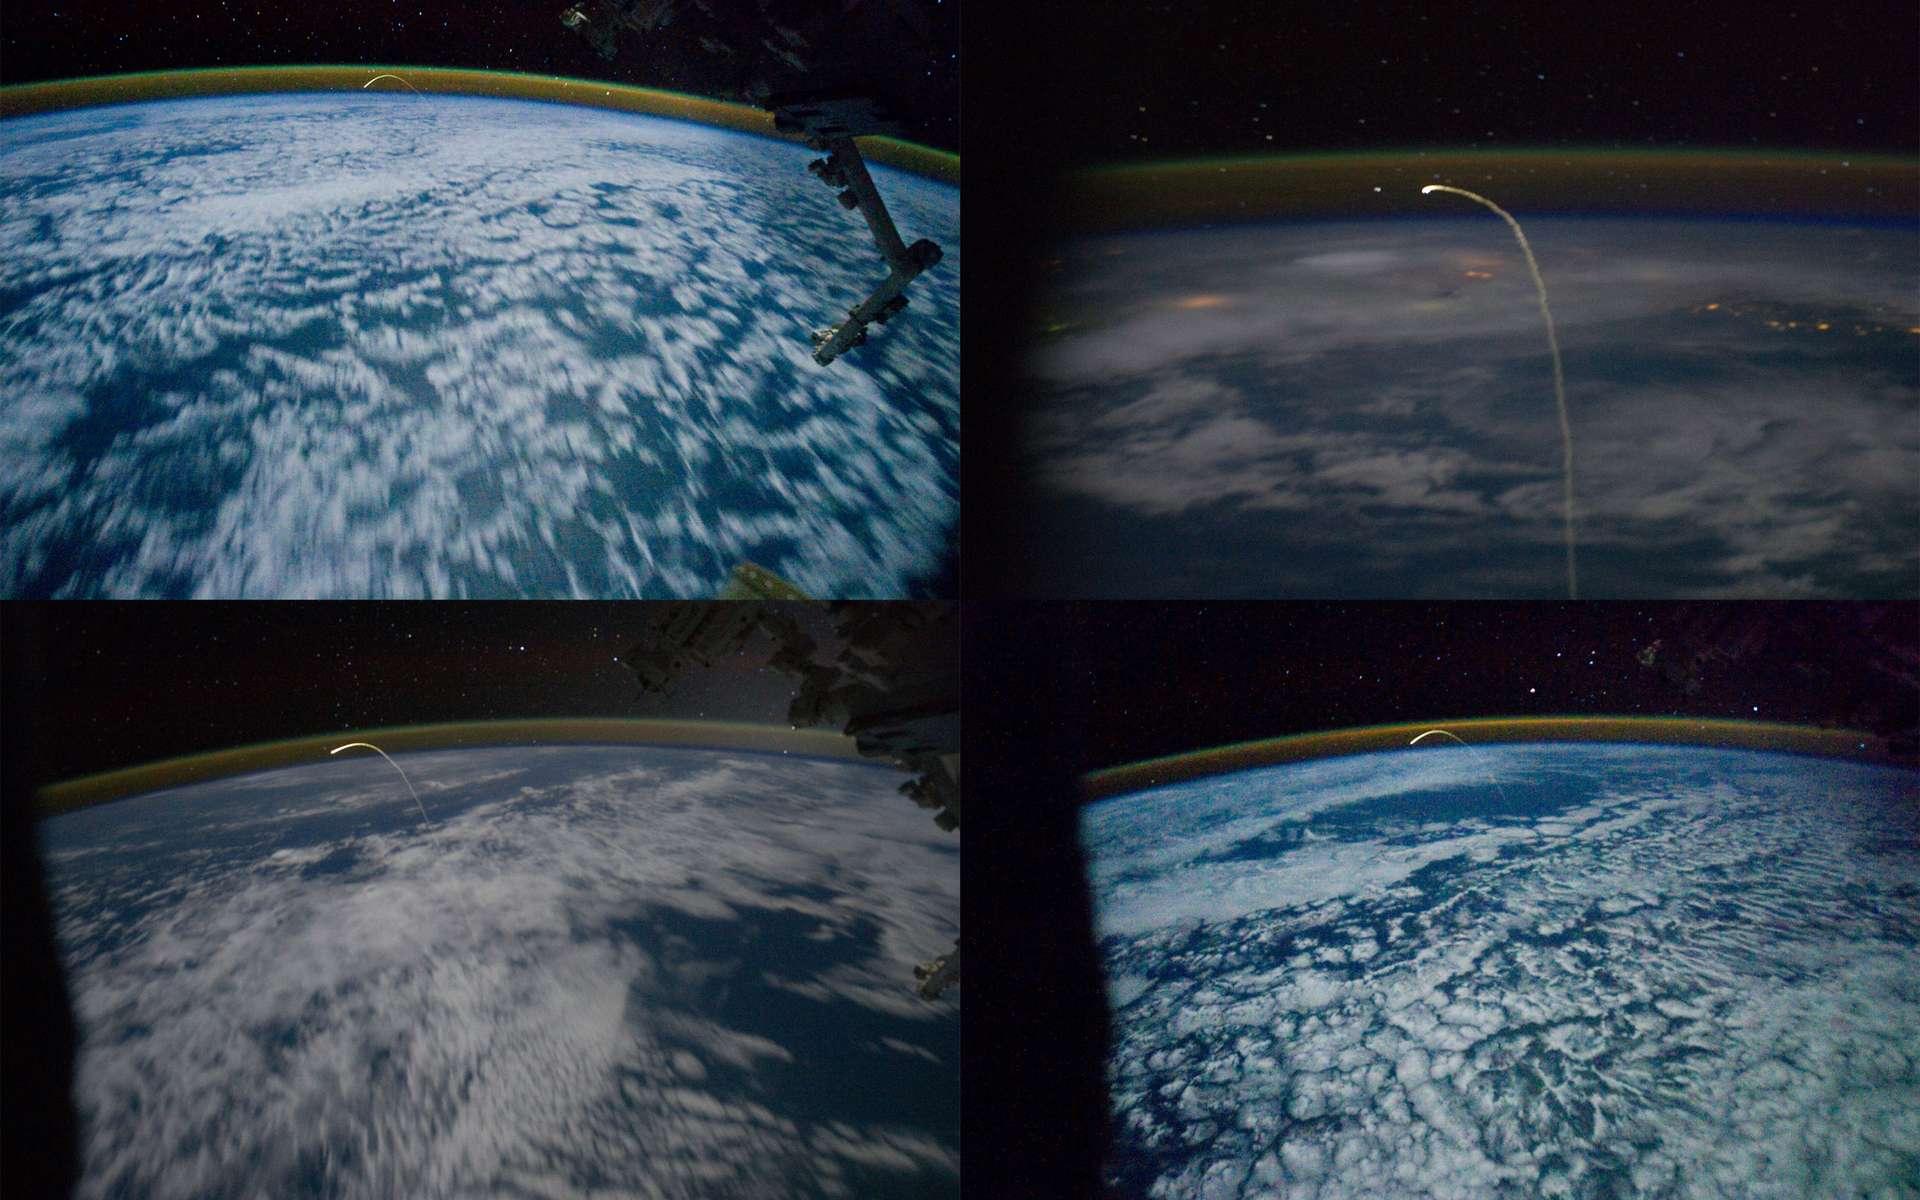 Images du dernier plongeon d'une navette dans l'atmosphère terrestre pour venir se poser en Floride, au Centre spatial Kennedy. © Nasa